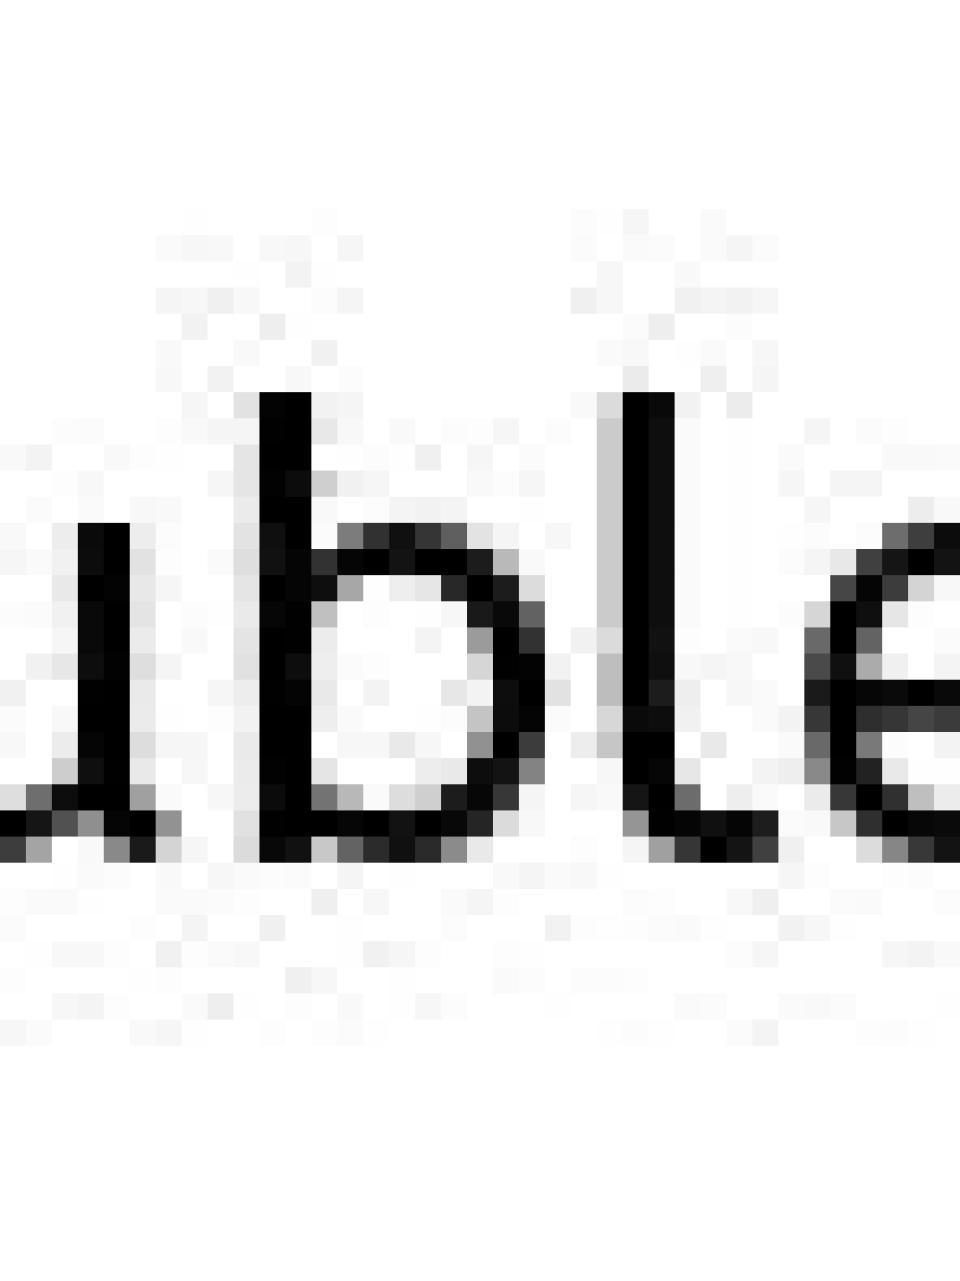 Major attractions at Gandikota fort